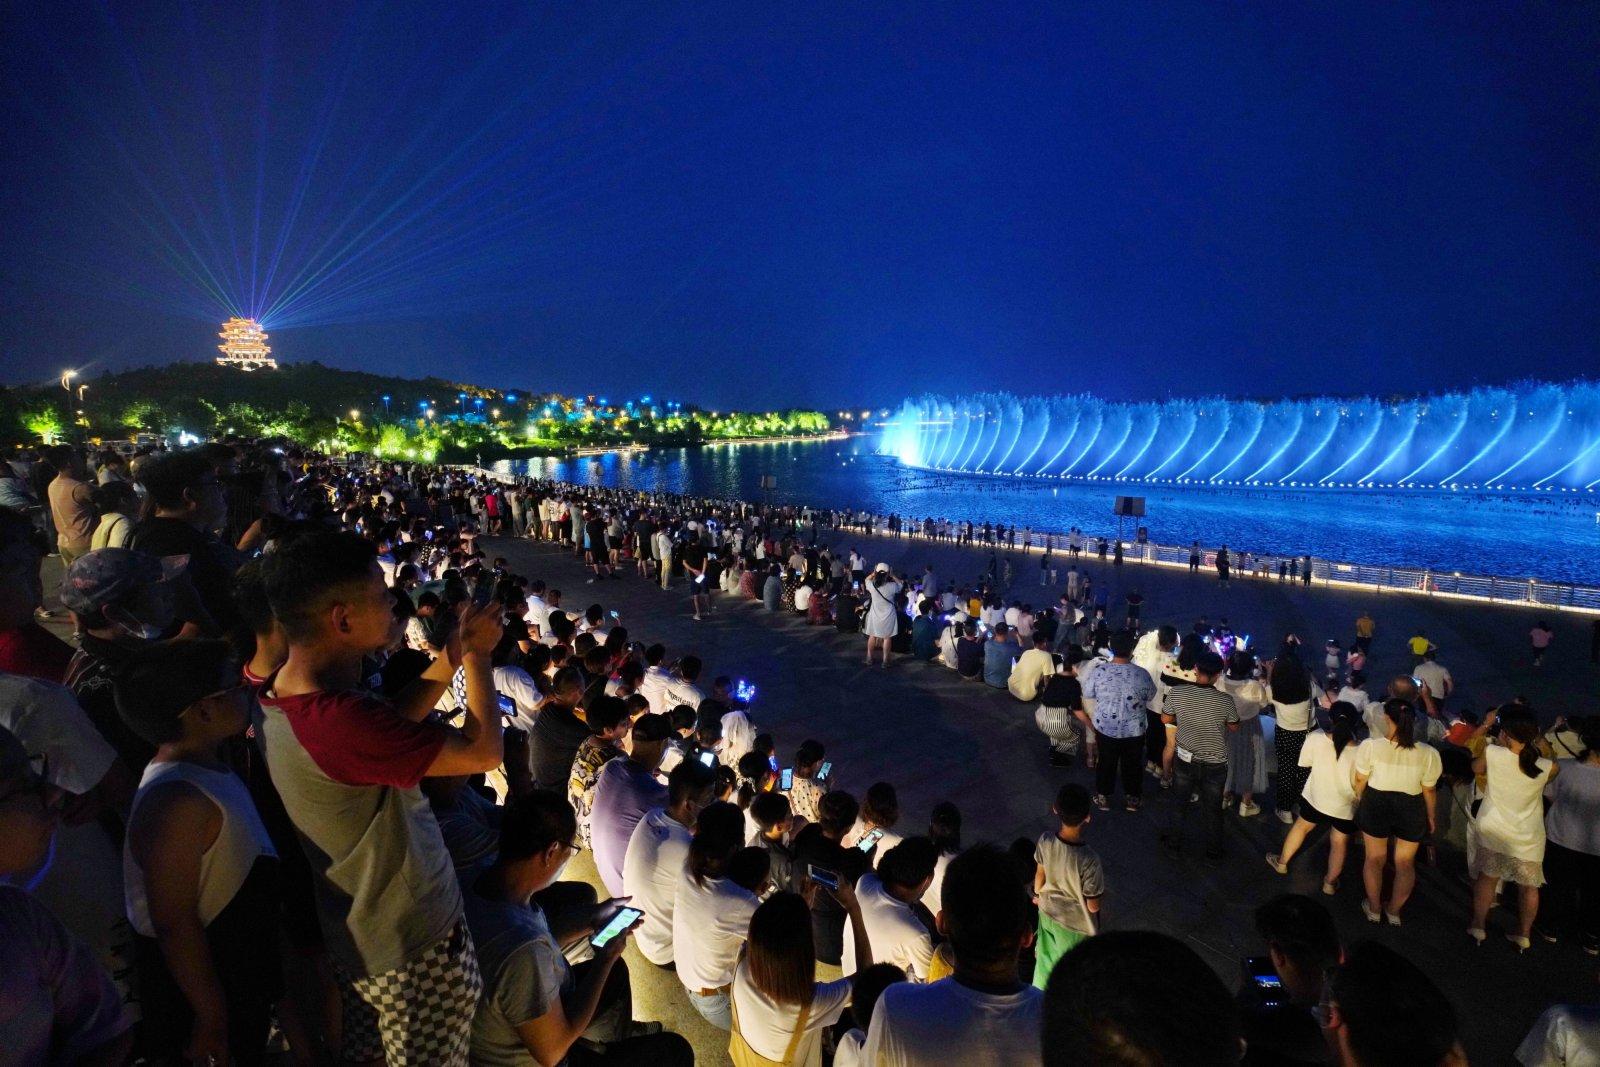 7月26日,遊客在唐山南湖公園內觀看噴泉燈光秀。 新華社